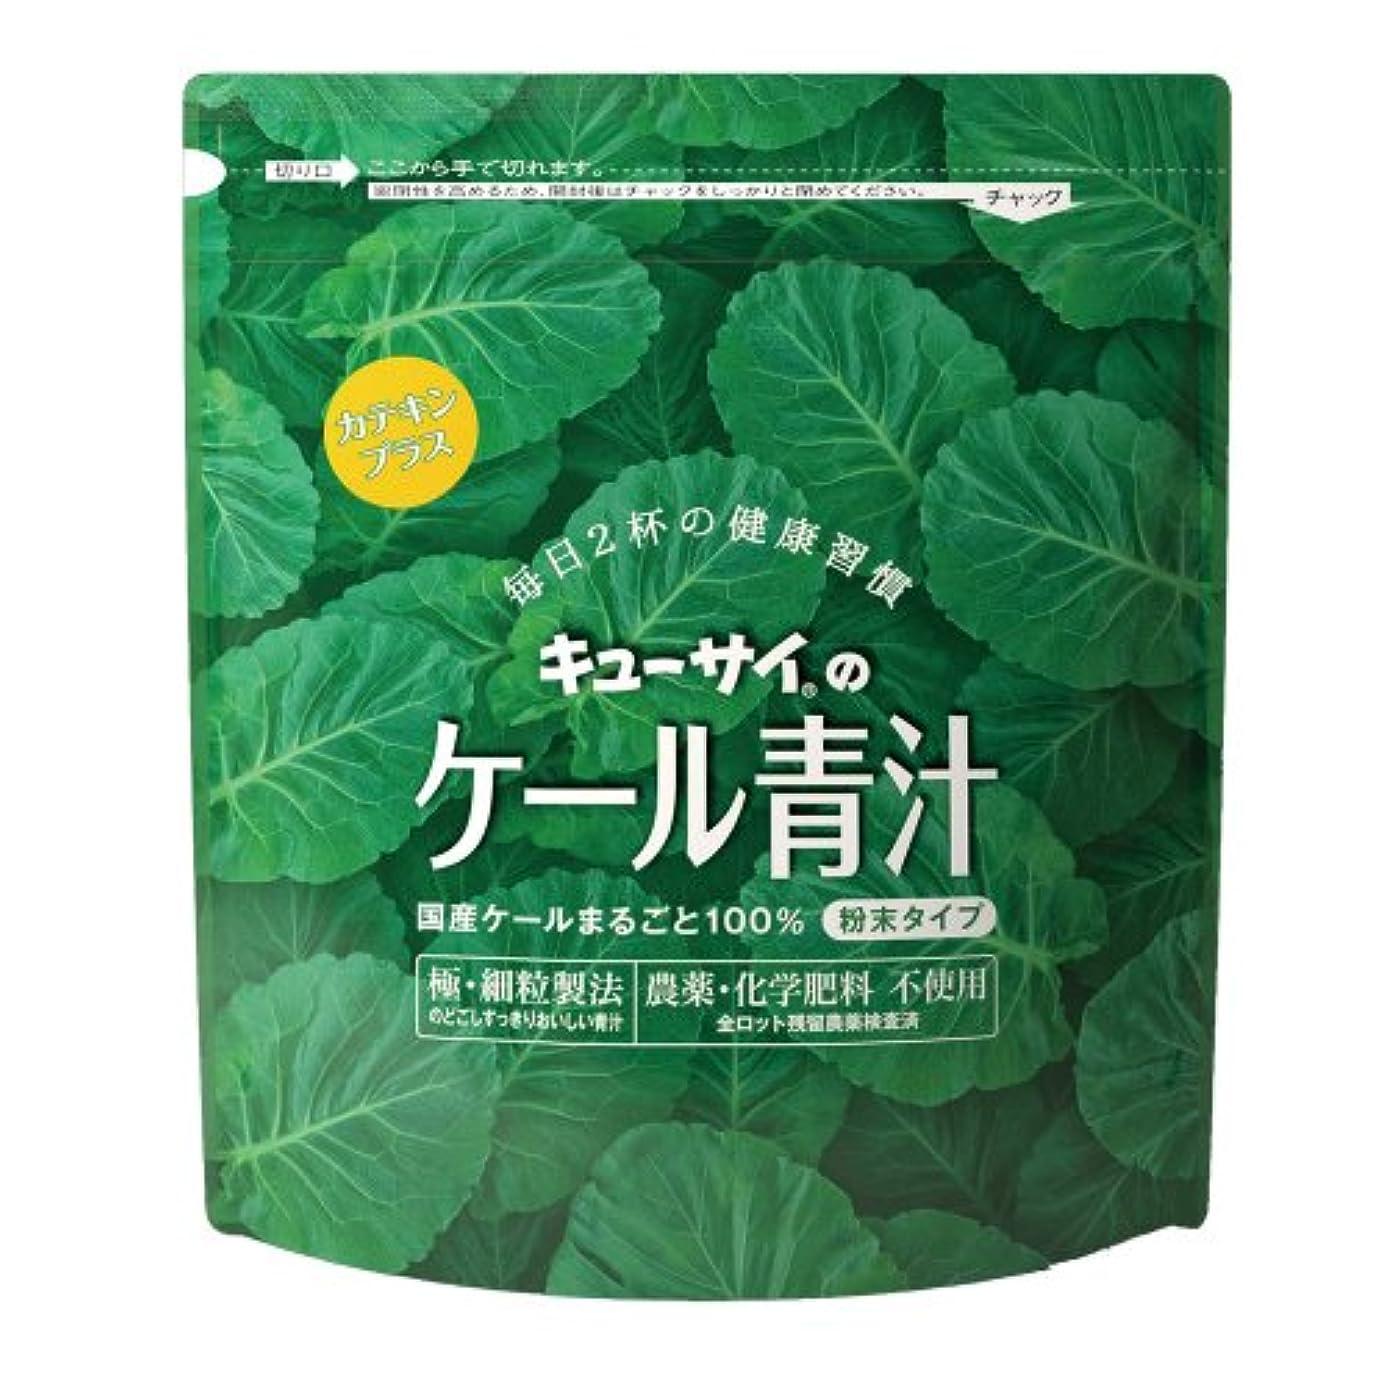 良いマスク割り当てキューサイ 青汁カテキンプラス420g(粉末タイプ)/国産ケール100%青汁にカテキン配合【1袋420g(約1カ月分)】